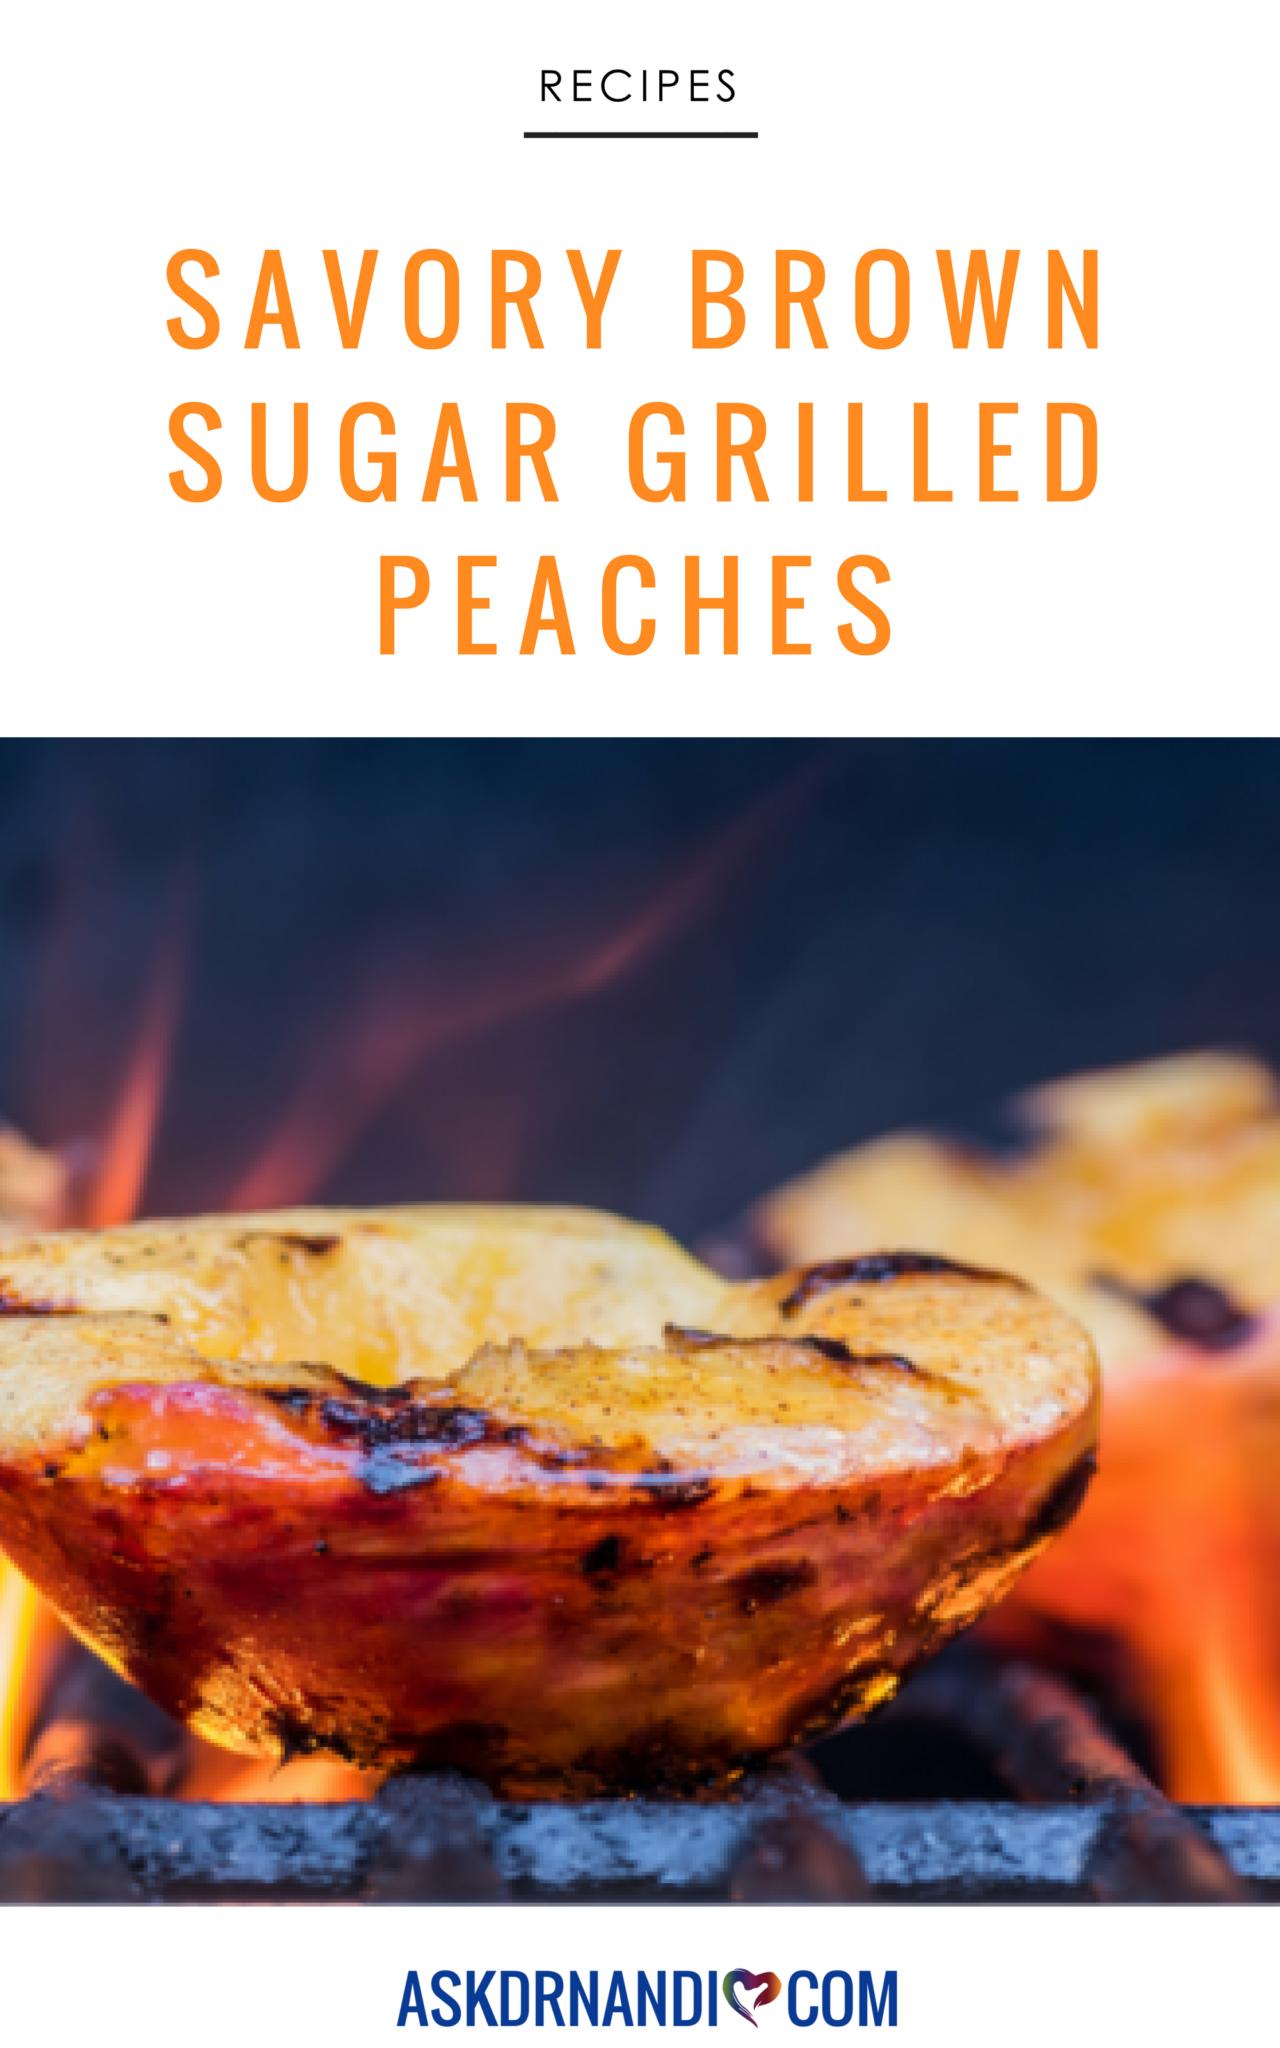 Brown Sugar Grilled Peaches